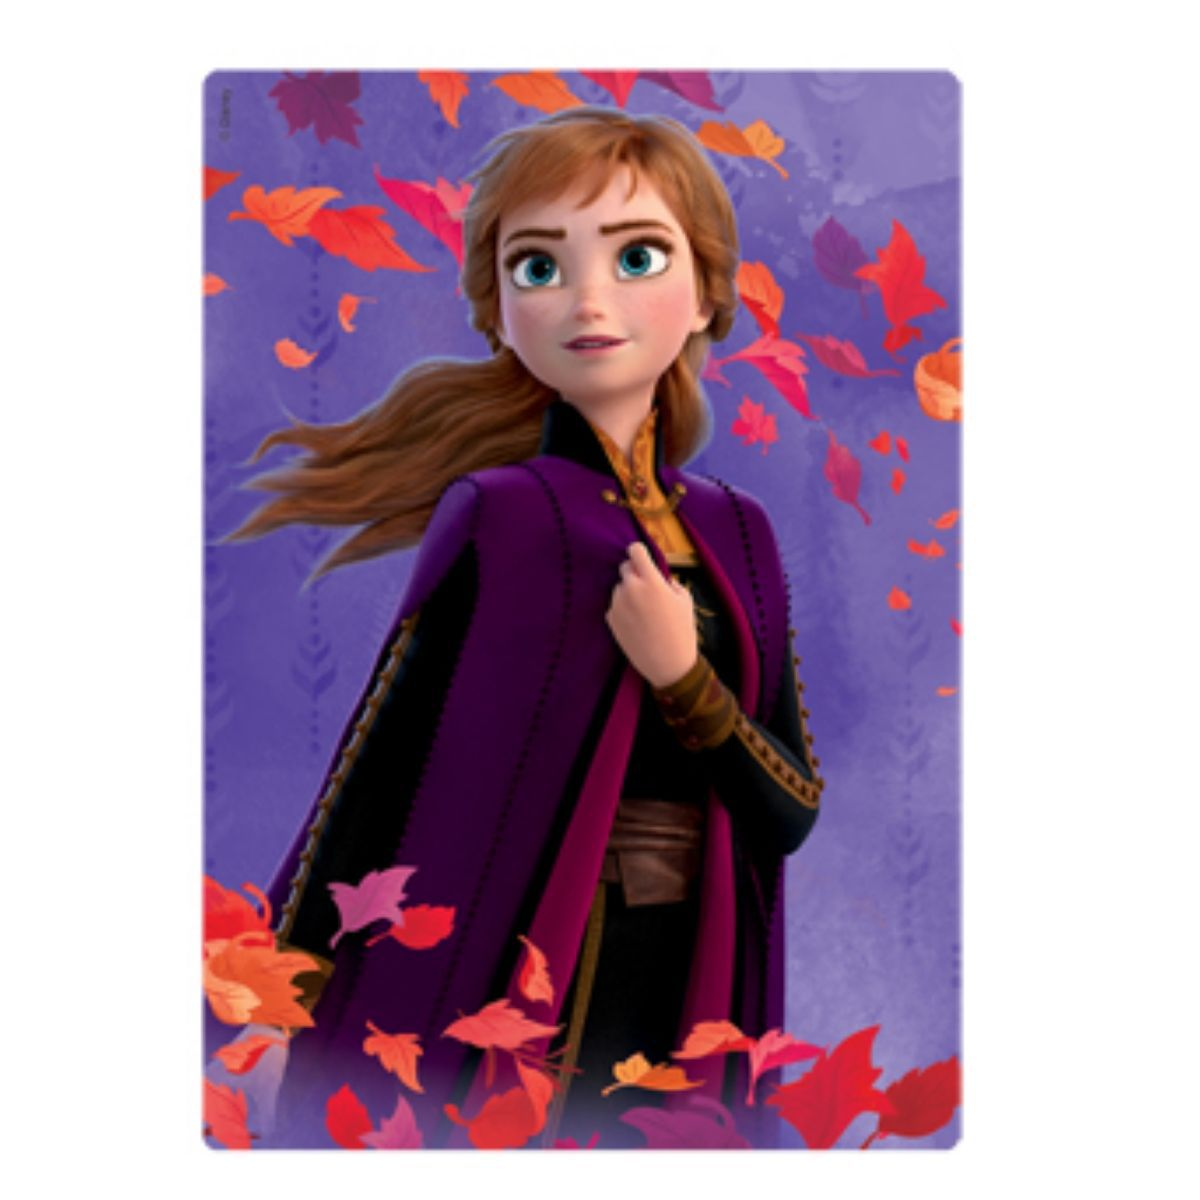 Quebra Cabeça Infantil Frozen 2  Princesa Anna  60 peças  - Game Land Brinquedos